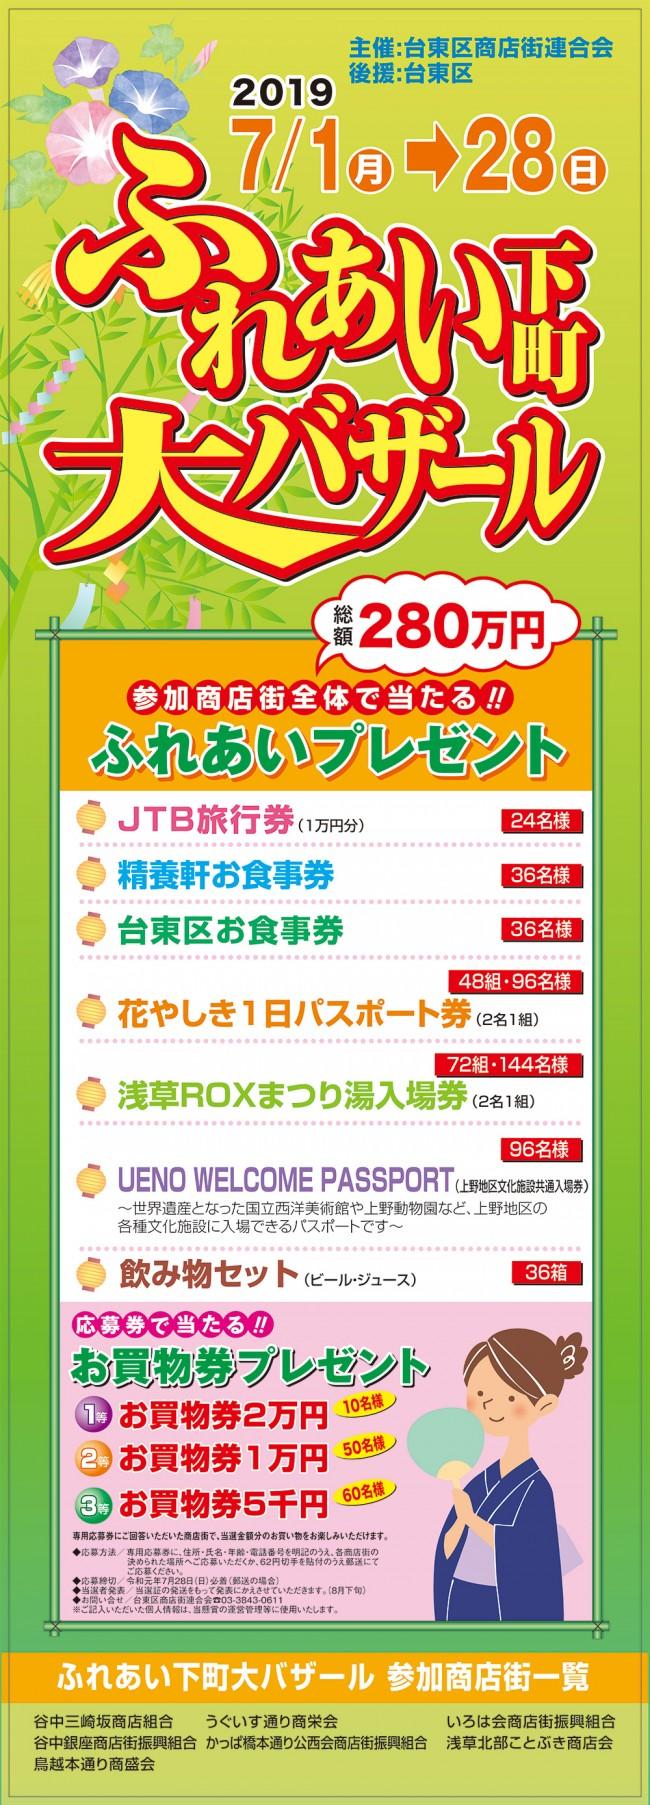 2019年度「ふれあい下町大バザール(中元期)」開催!! 2018.7.1〜7.28